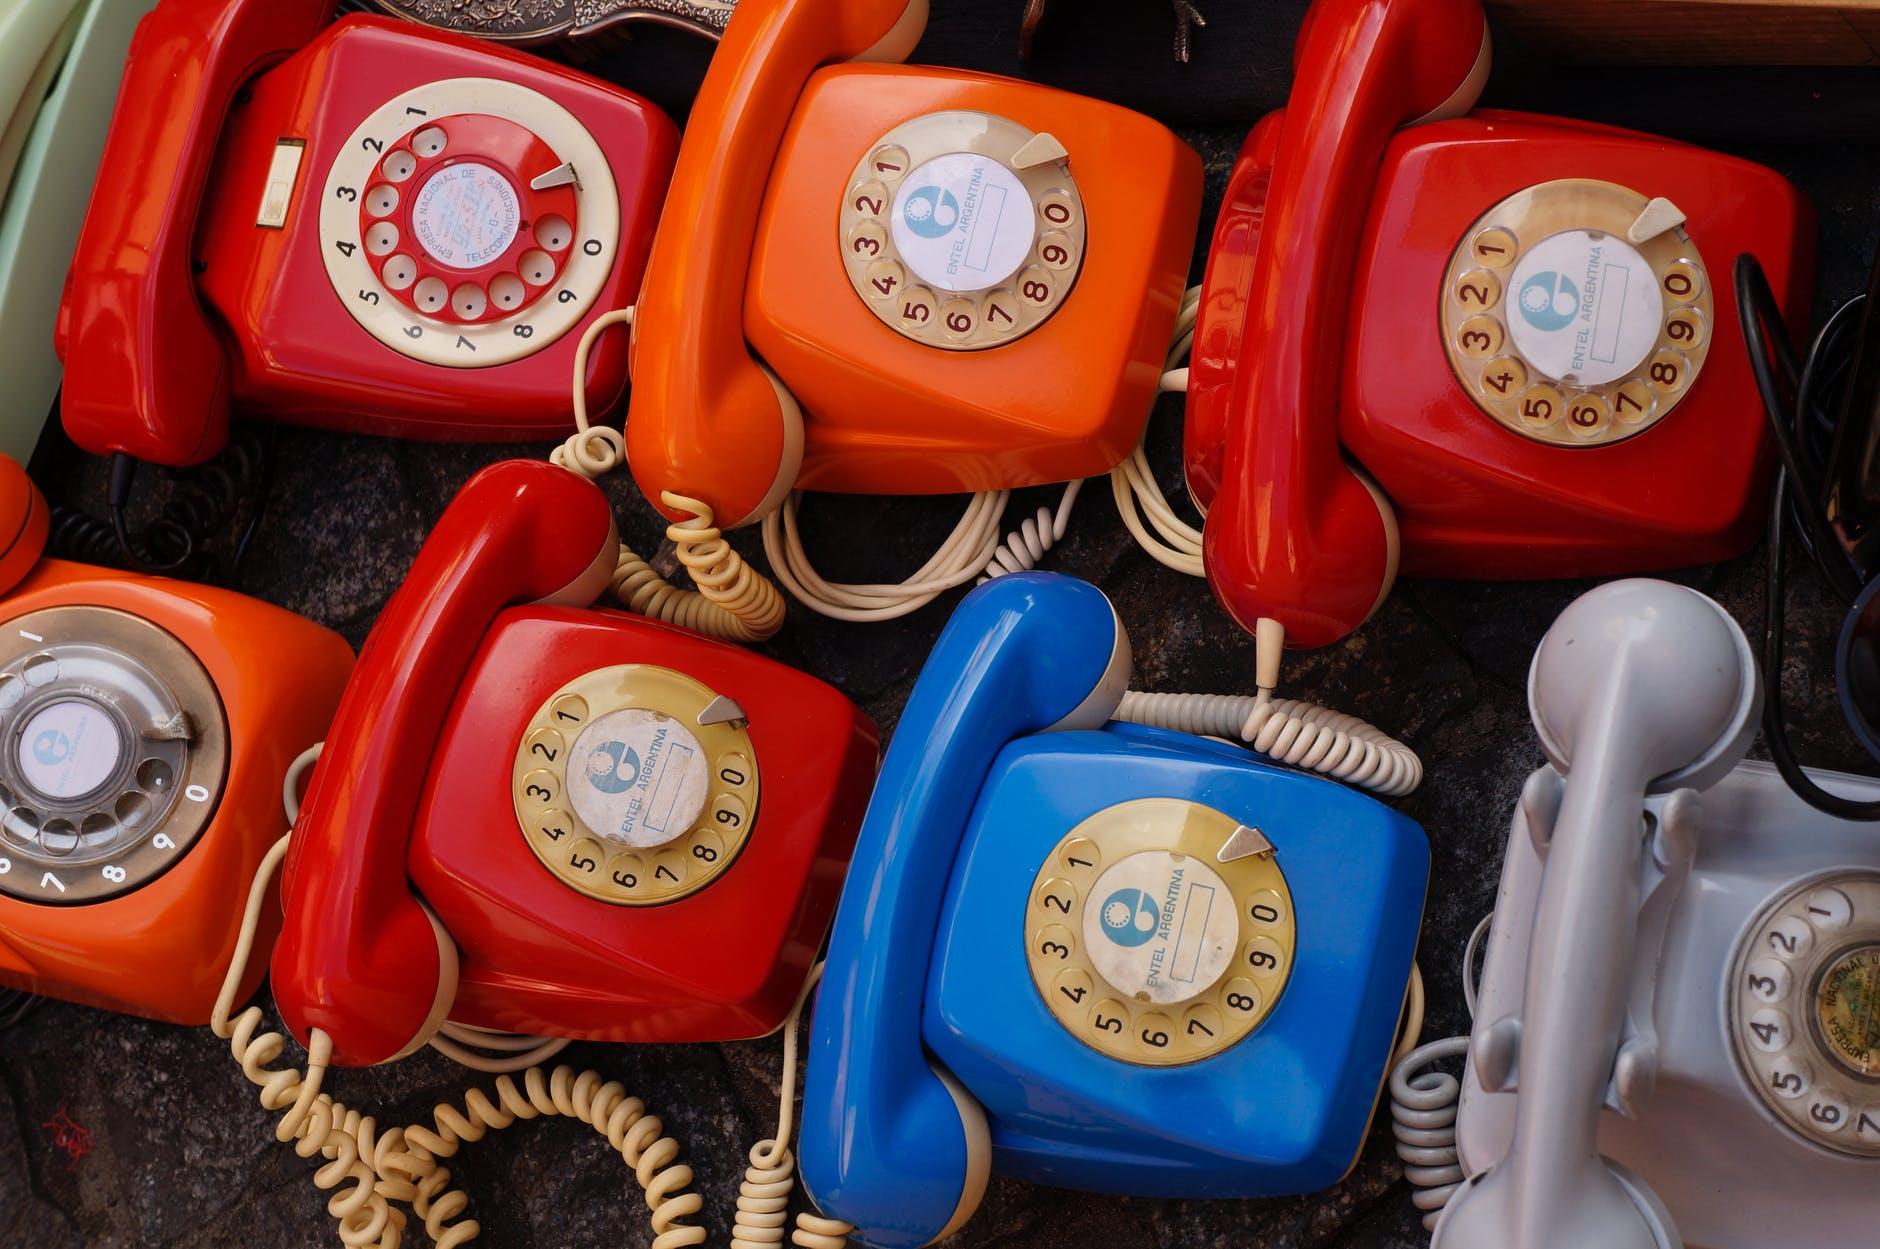 phone-list-brokers-phones